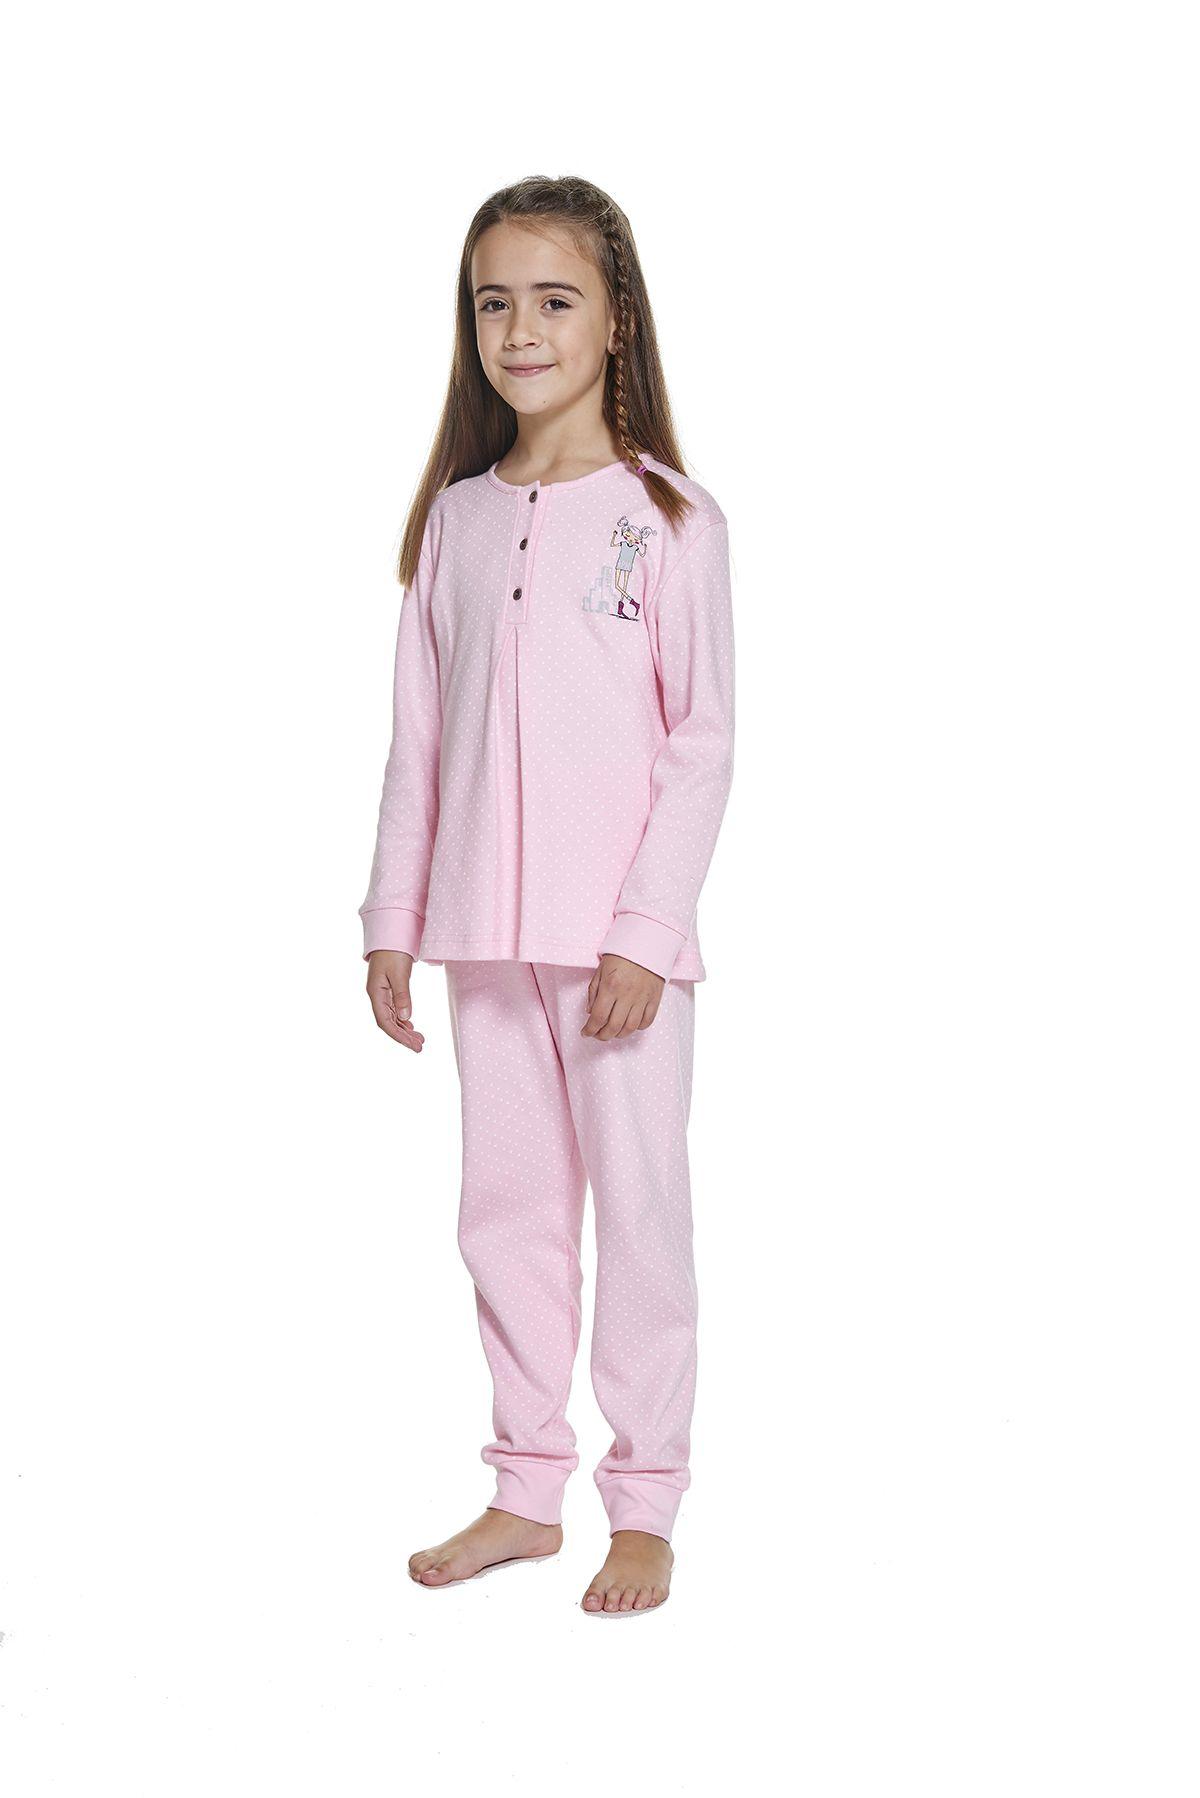 044972a85b modaíntima  pijama  pijamaniña